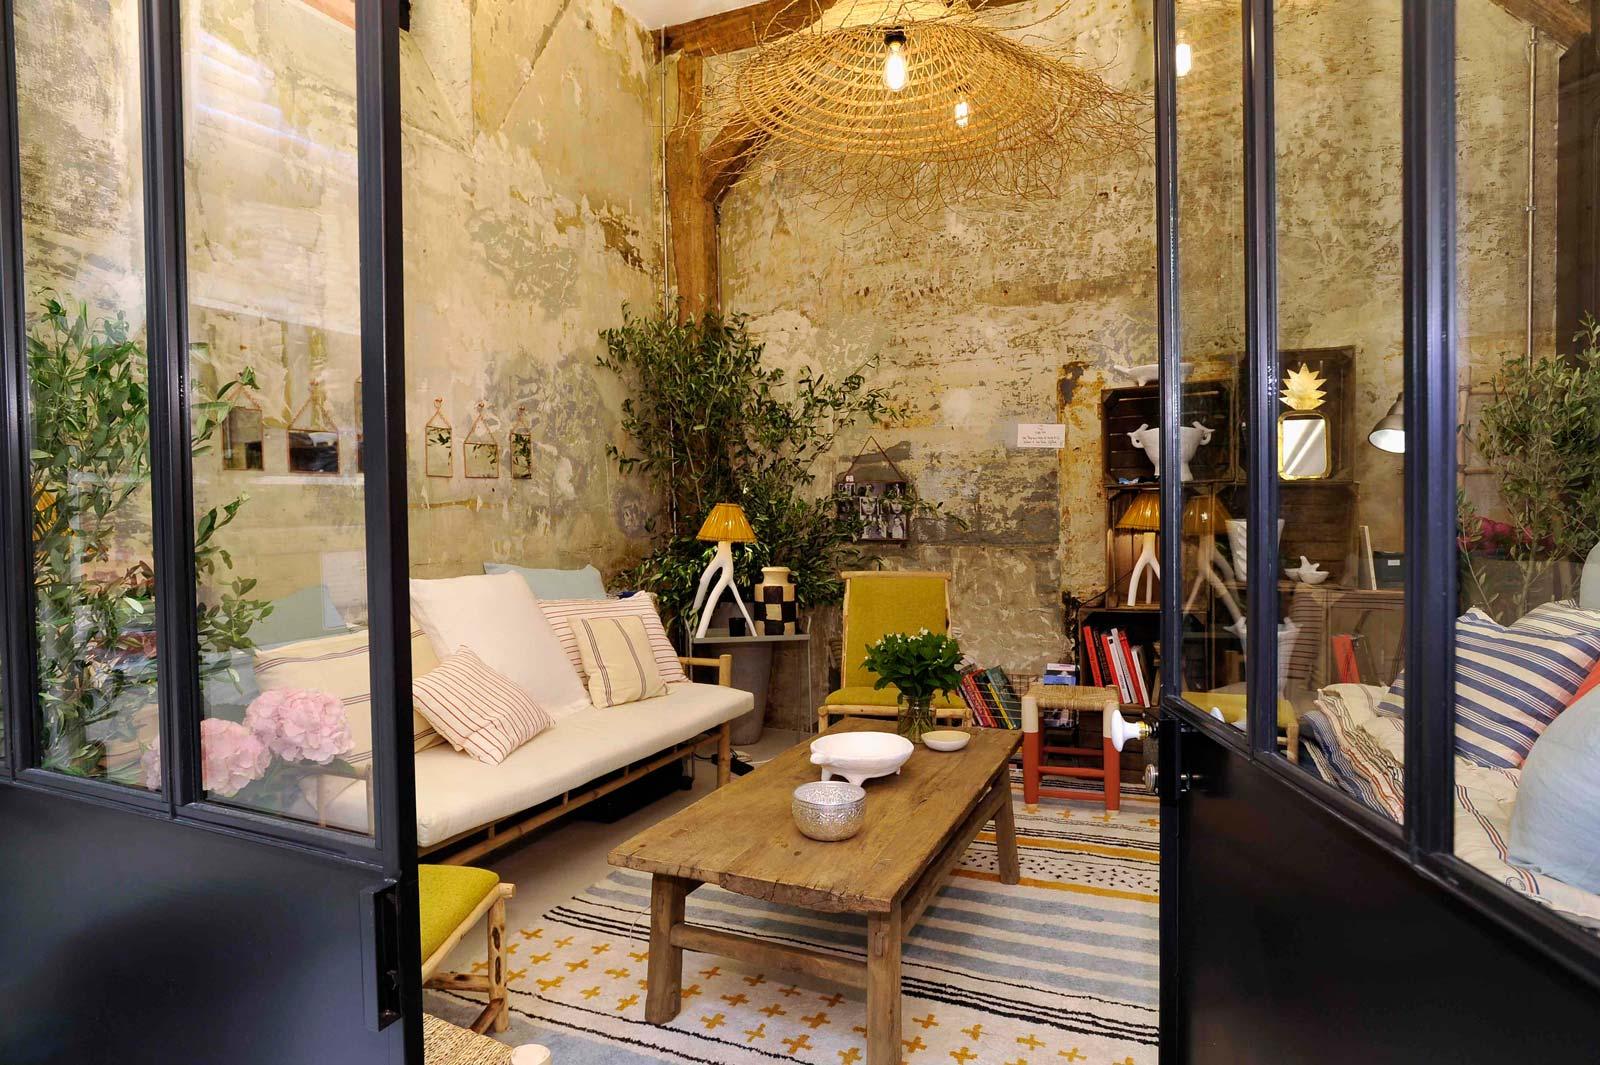 La boutique di ines de la fressange a parigi moda e lifestyle for Interni parigini